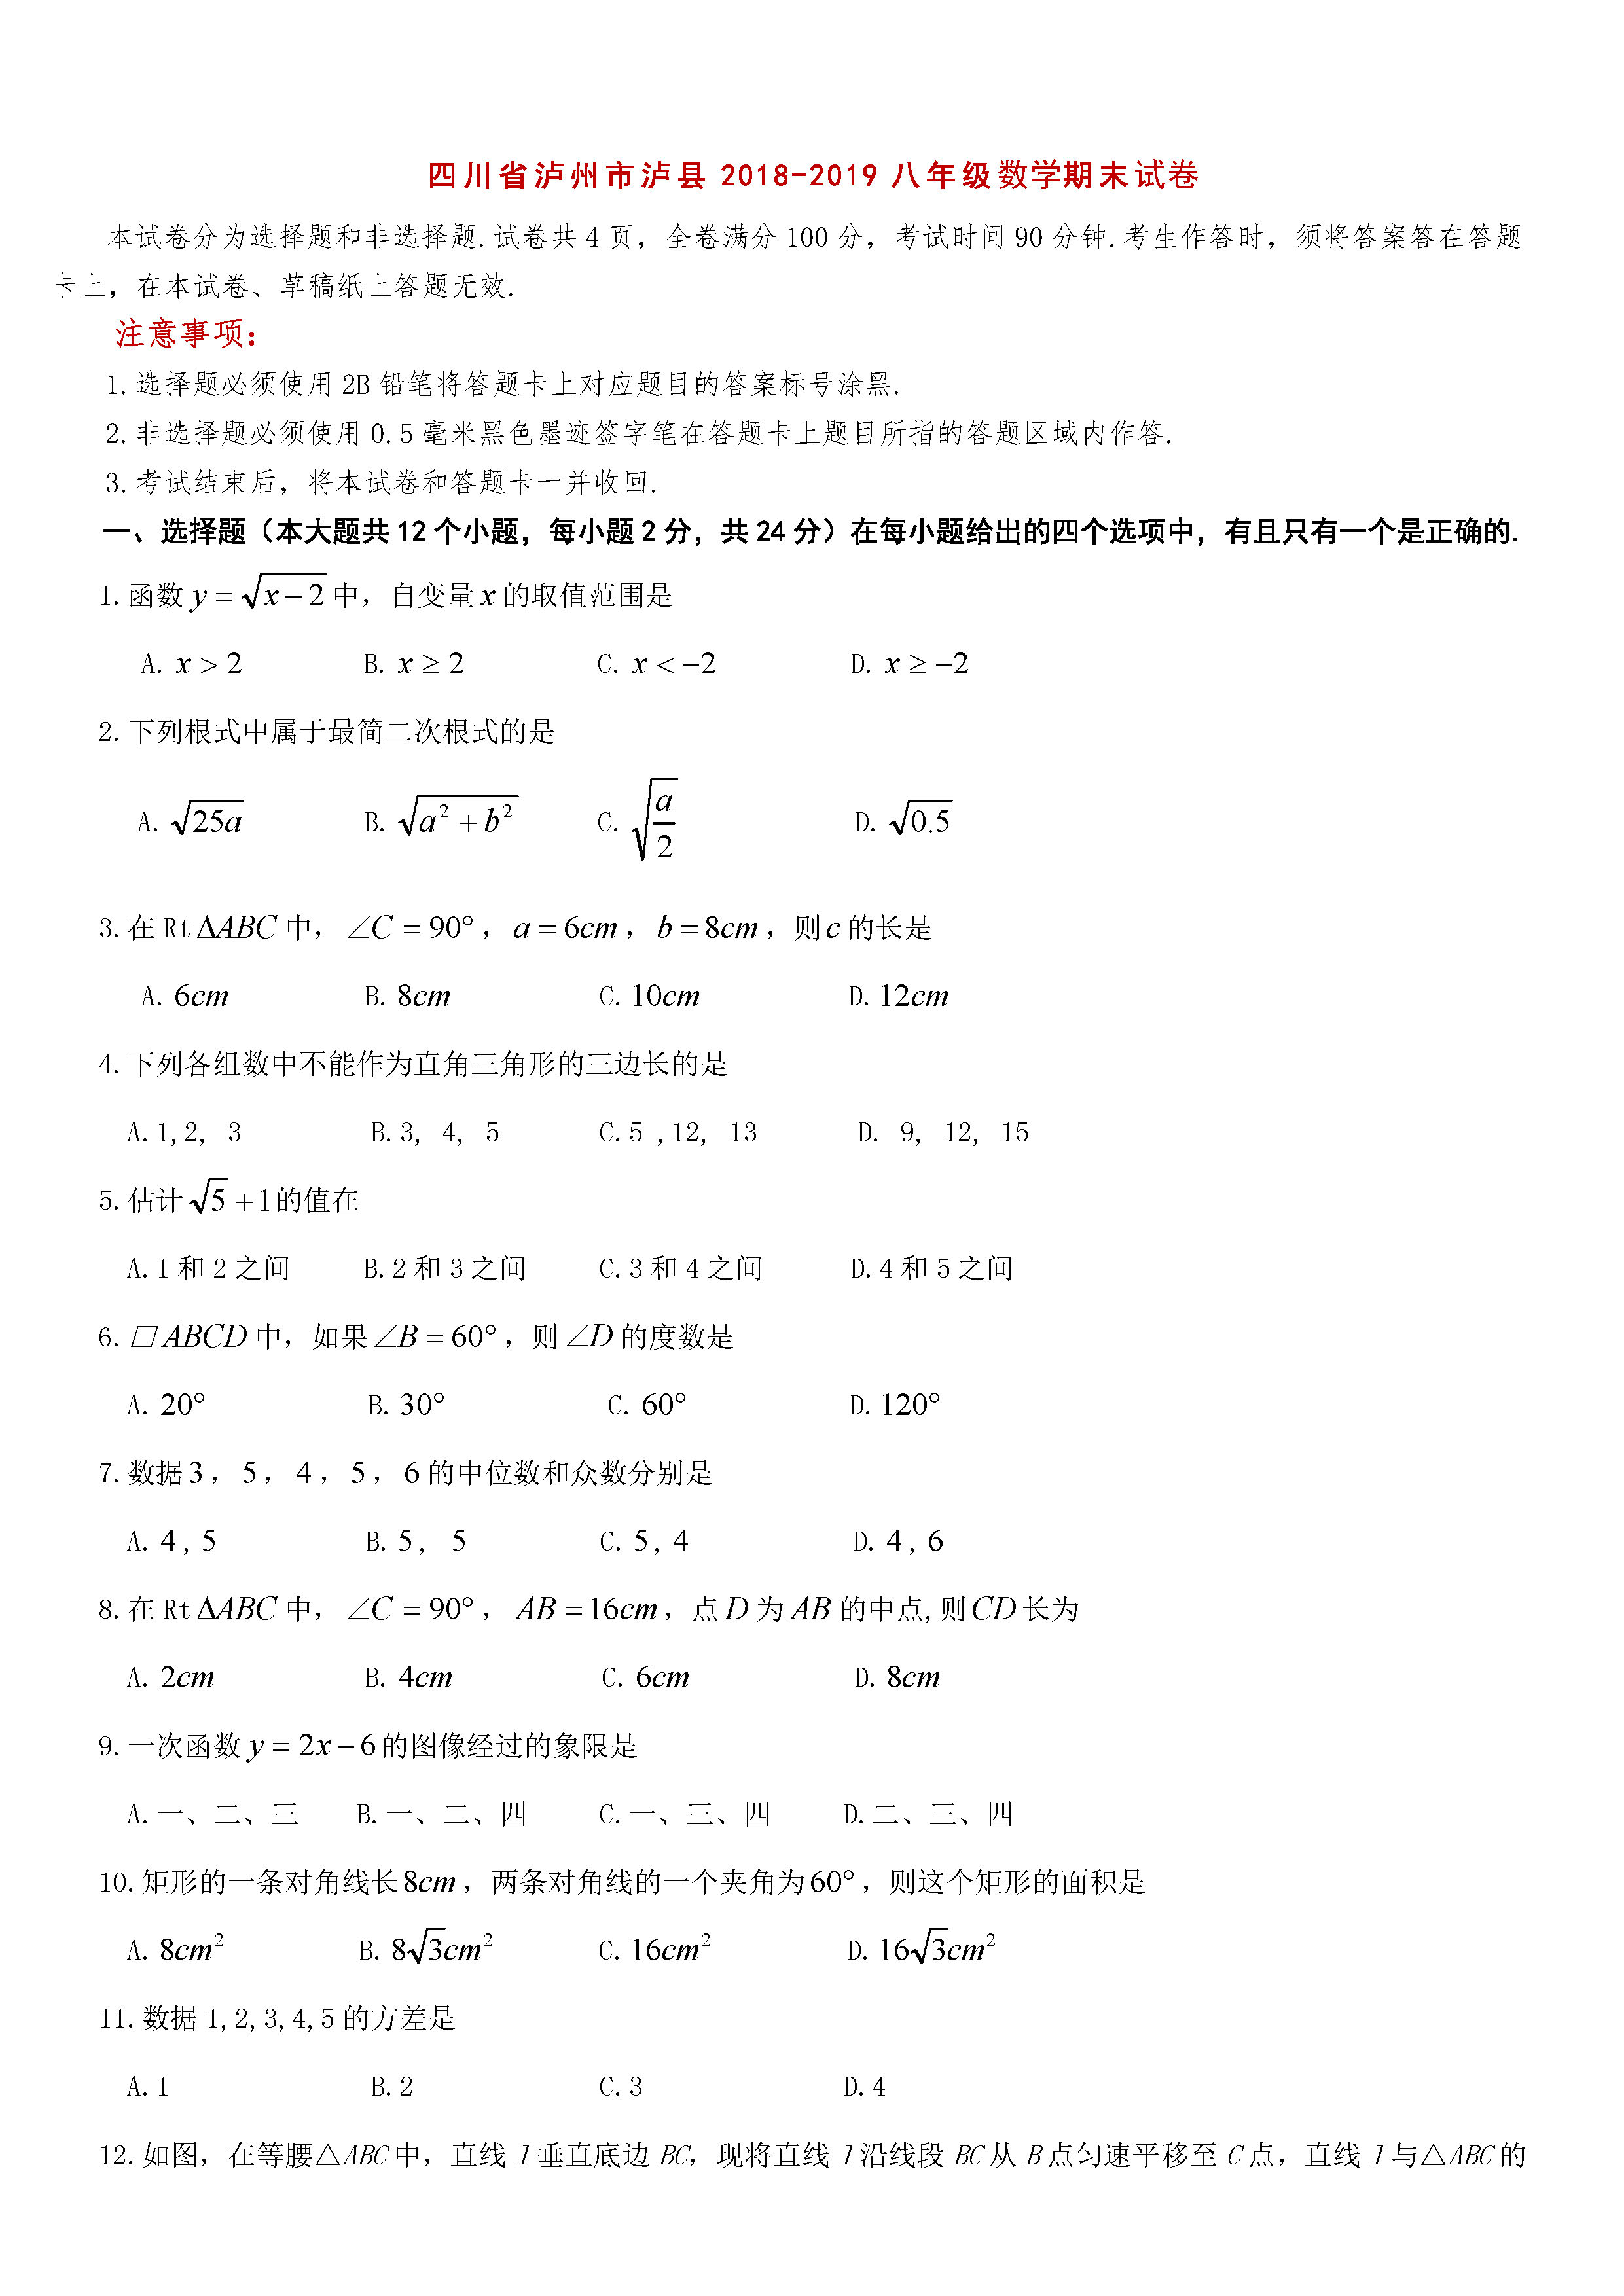 四川省泸州市2018-2019八年级数学下册期末测试题含答案